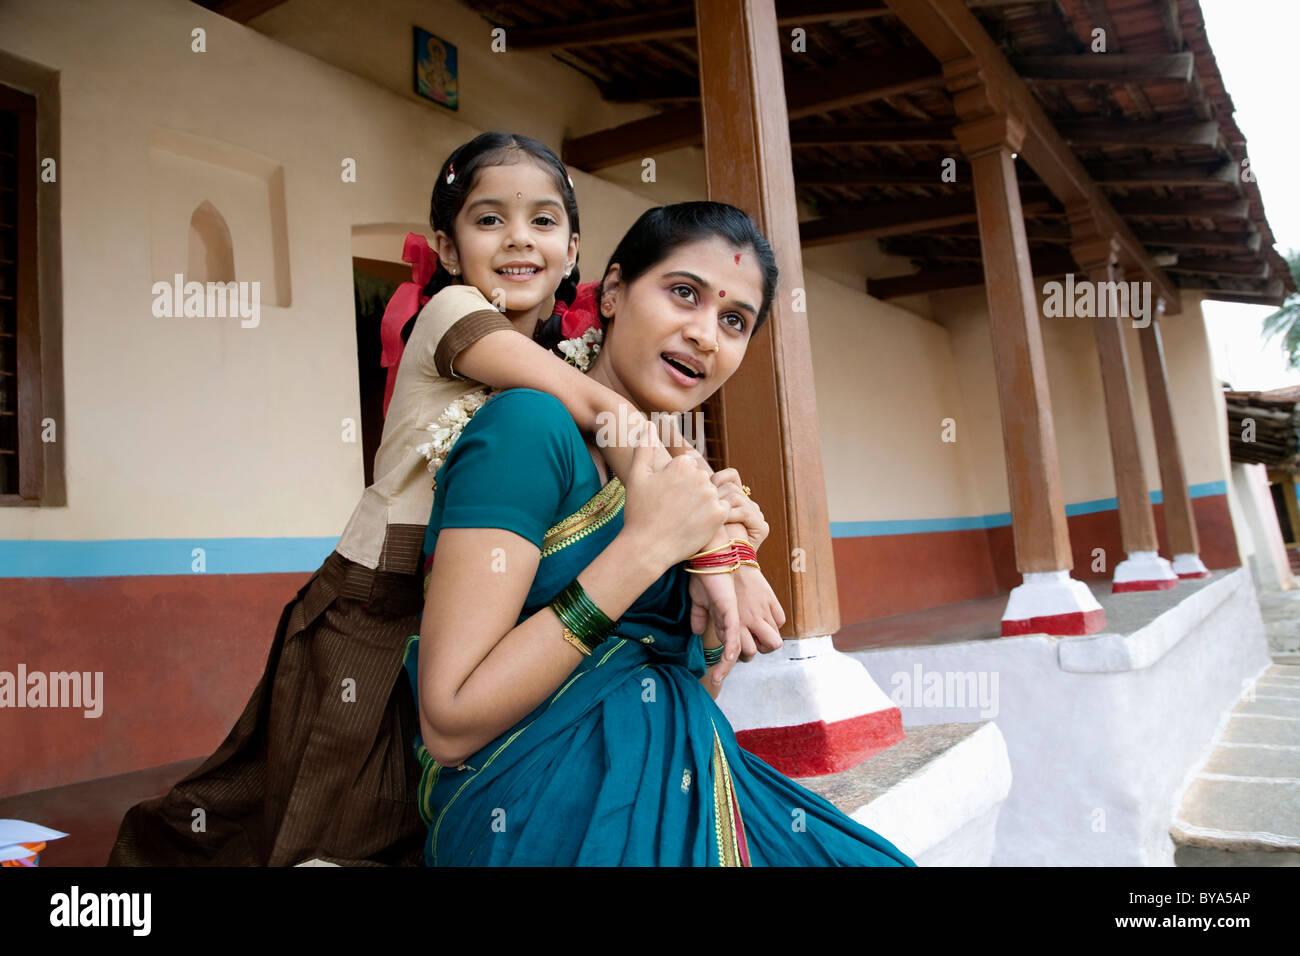 Retrato de una niña y su madre Imagen De Stock